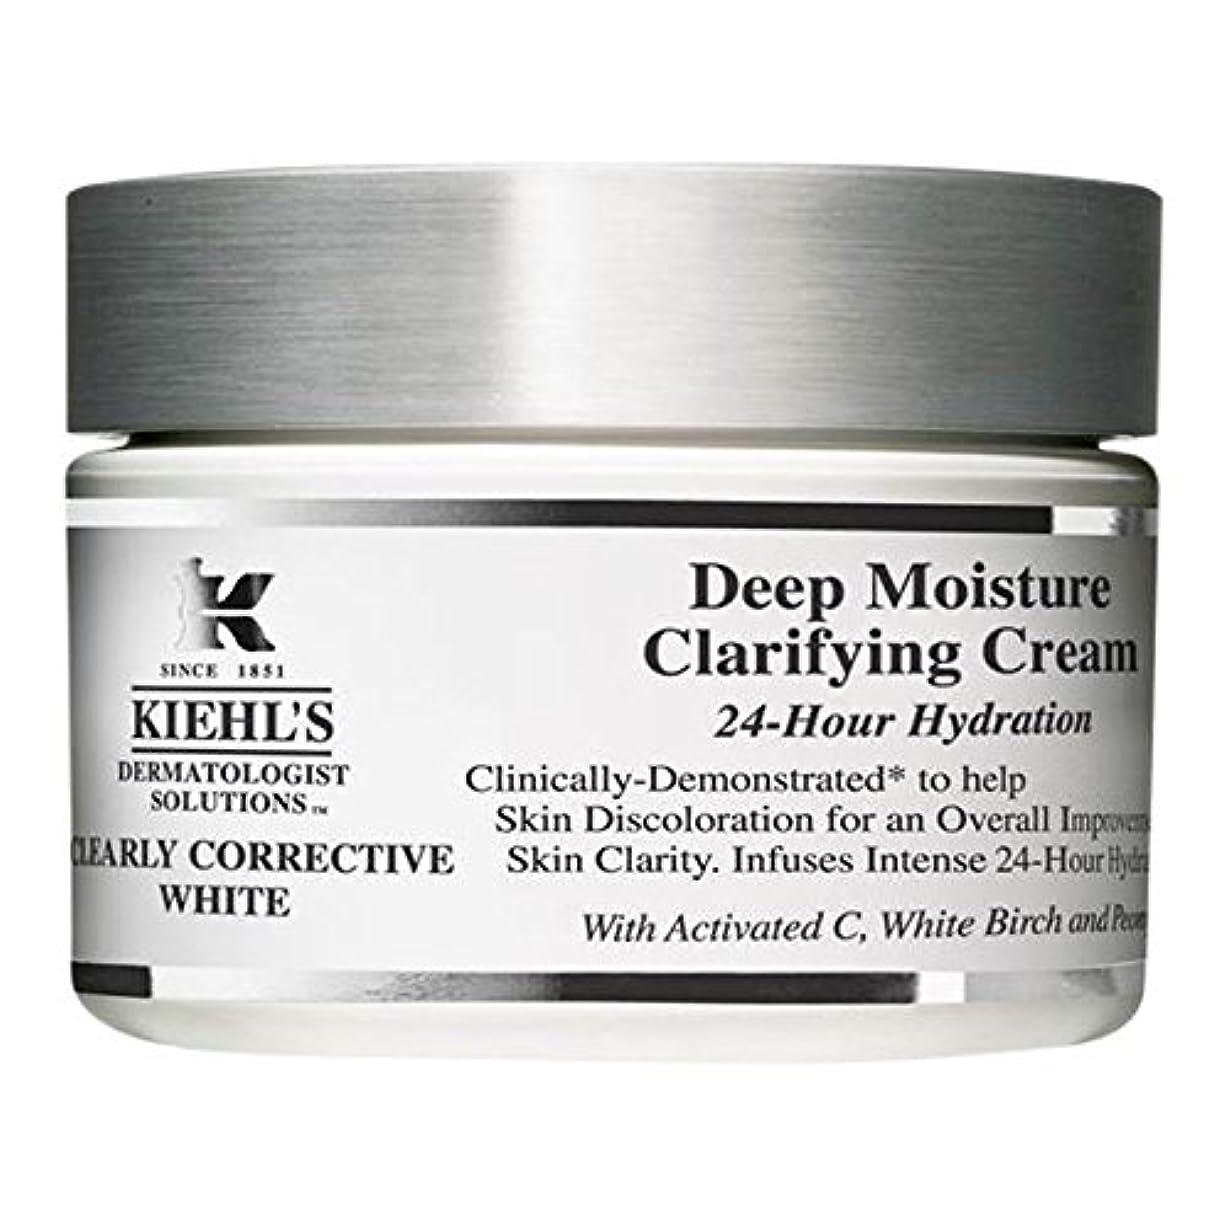 覚醒画面目に見える[Kiehl's] キールズ明確に是正白深い水分清澄クリーム - Kiehl's Clearly Corrective White Deep Moisture Clarifying Cream [並行輸入品]